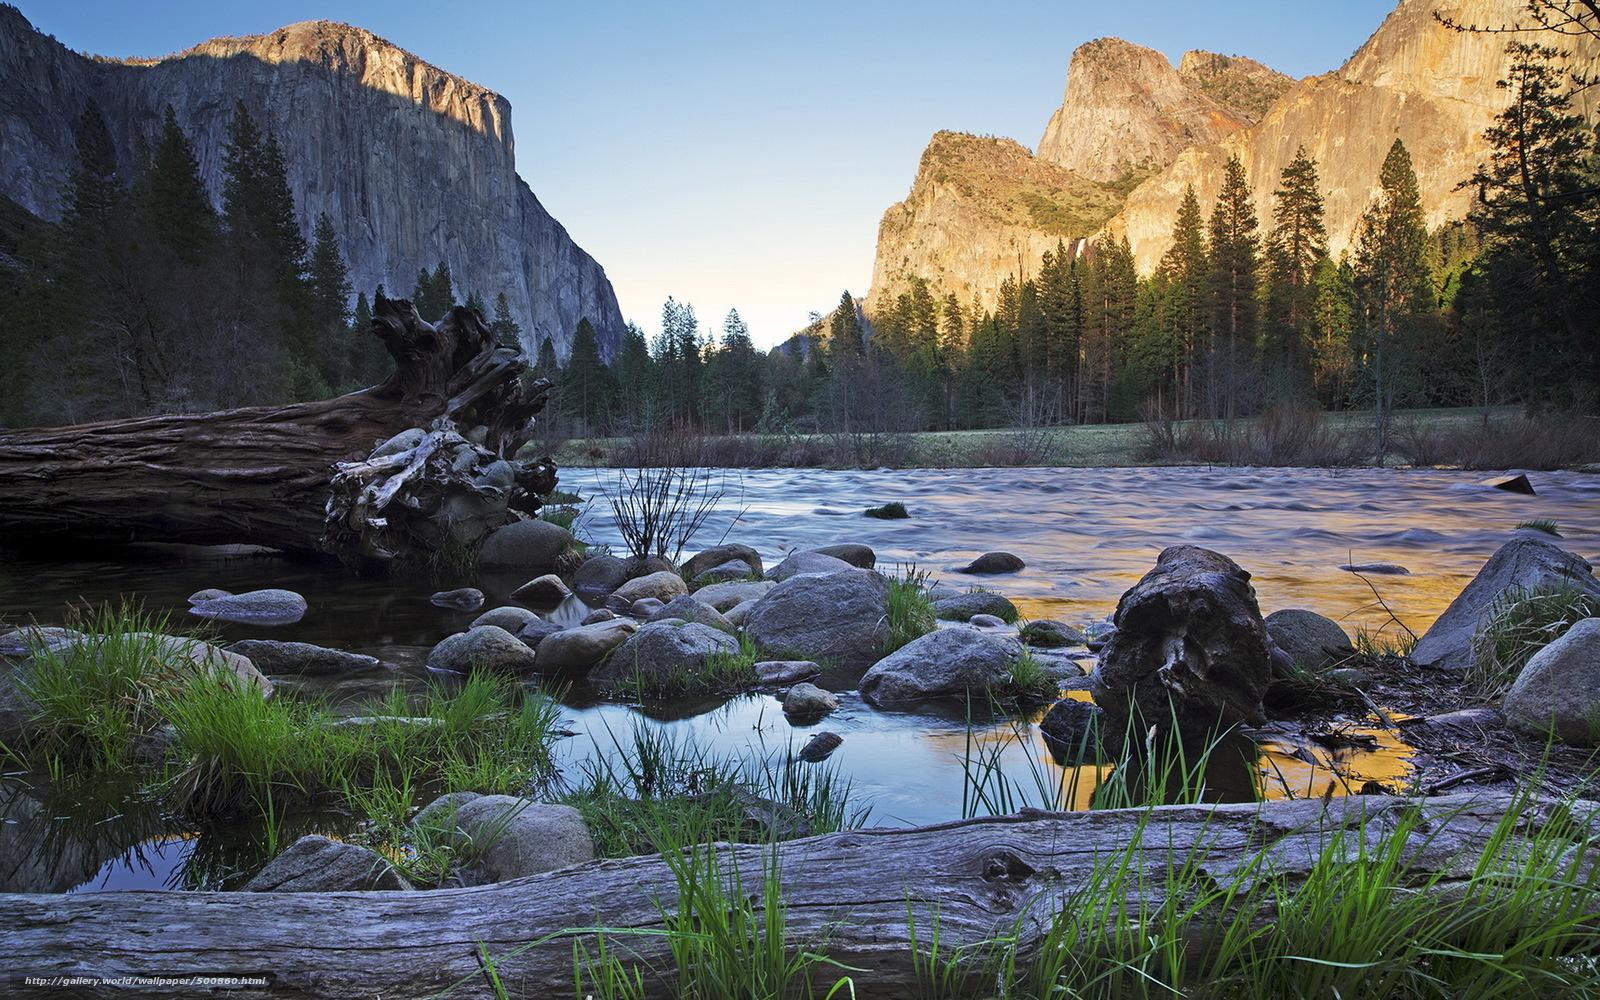 Scaricare gli sfondi fiume montagne estate paesaggio for Foto desktop estate